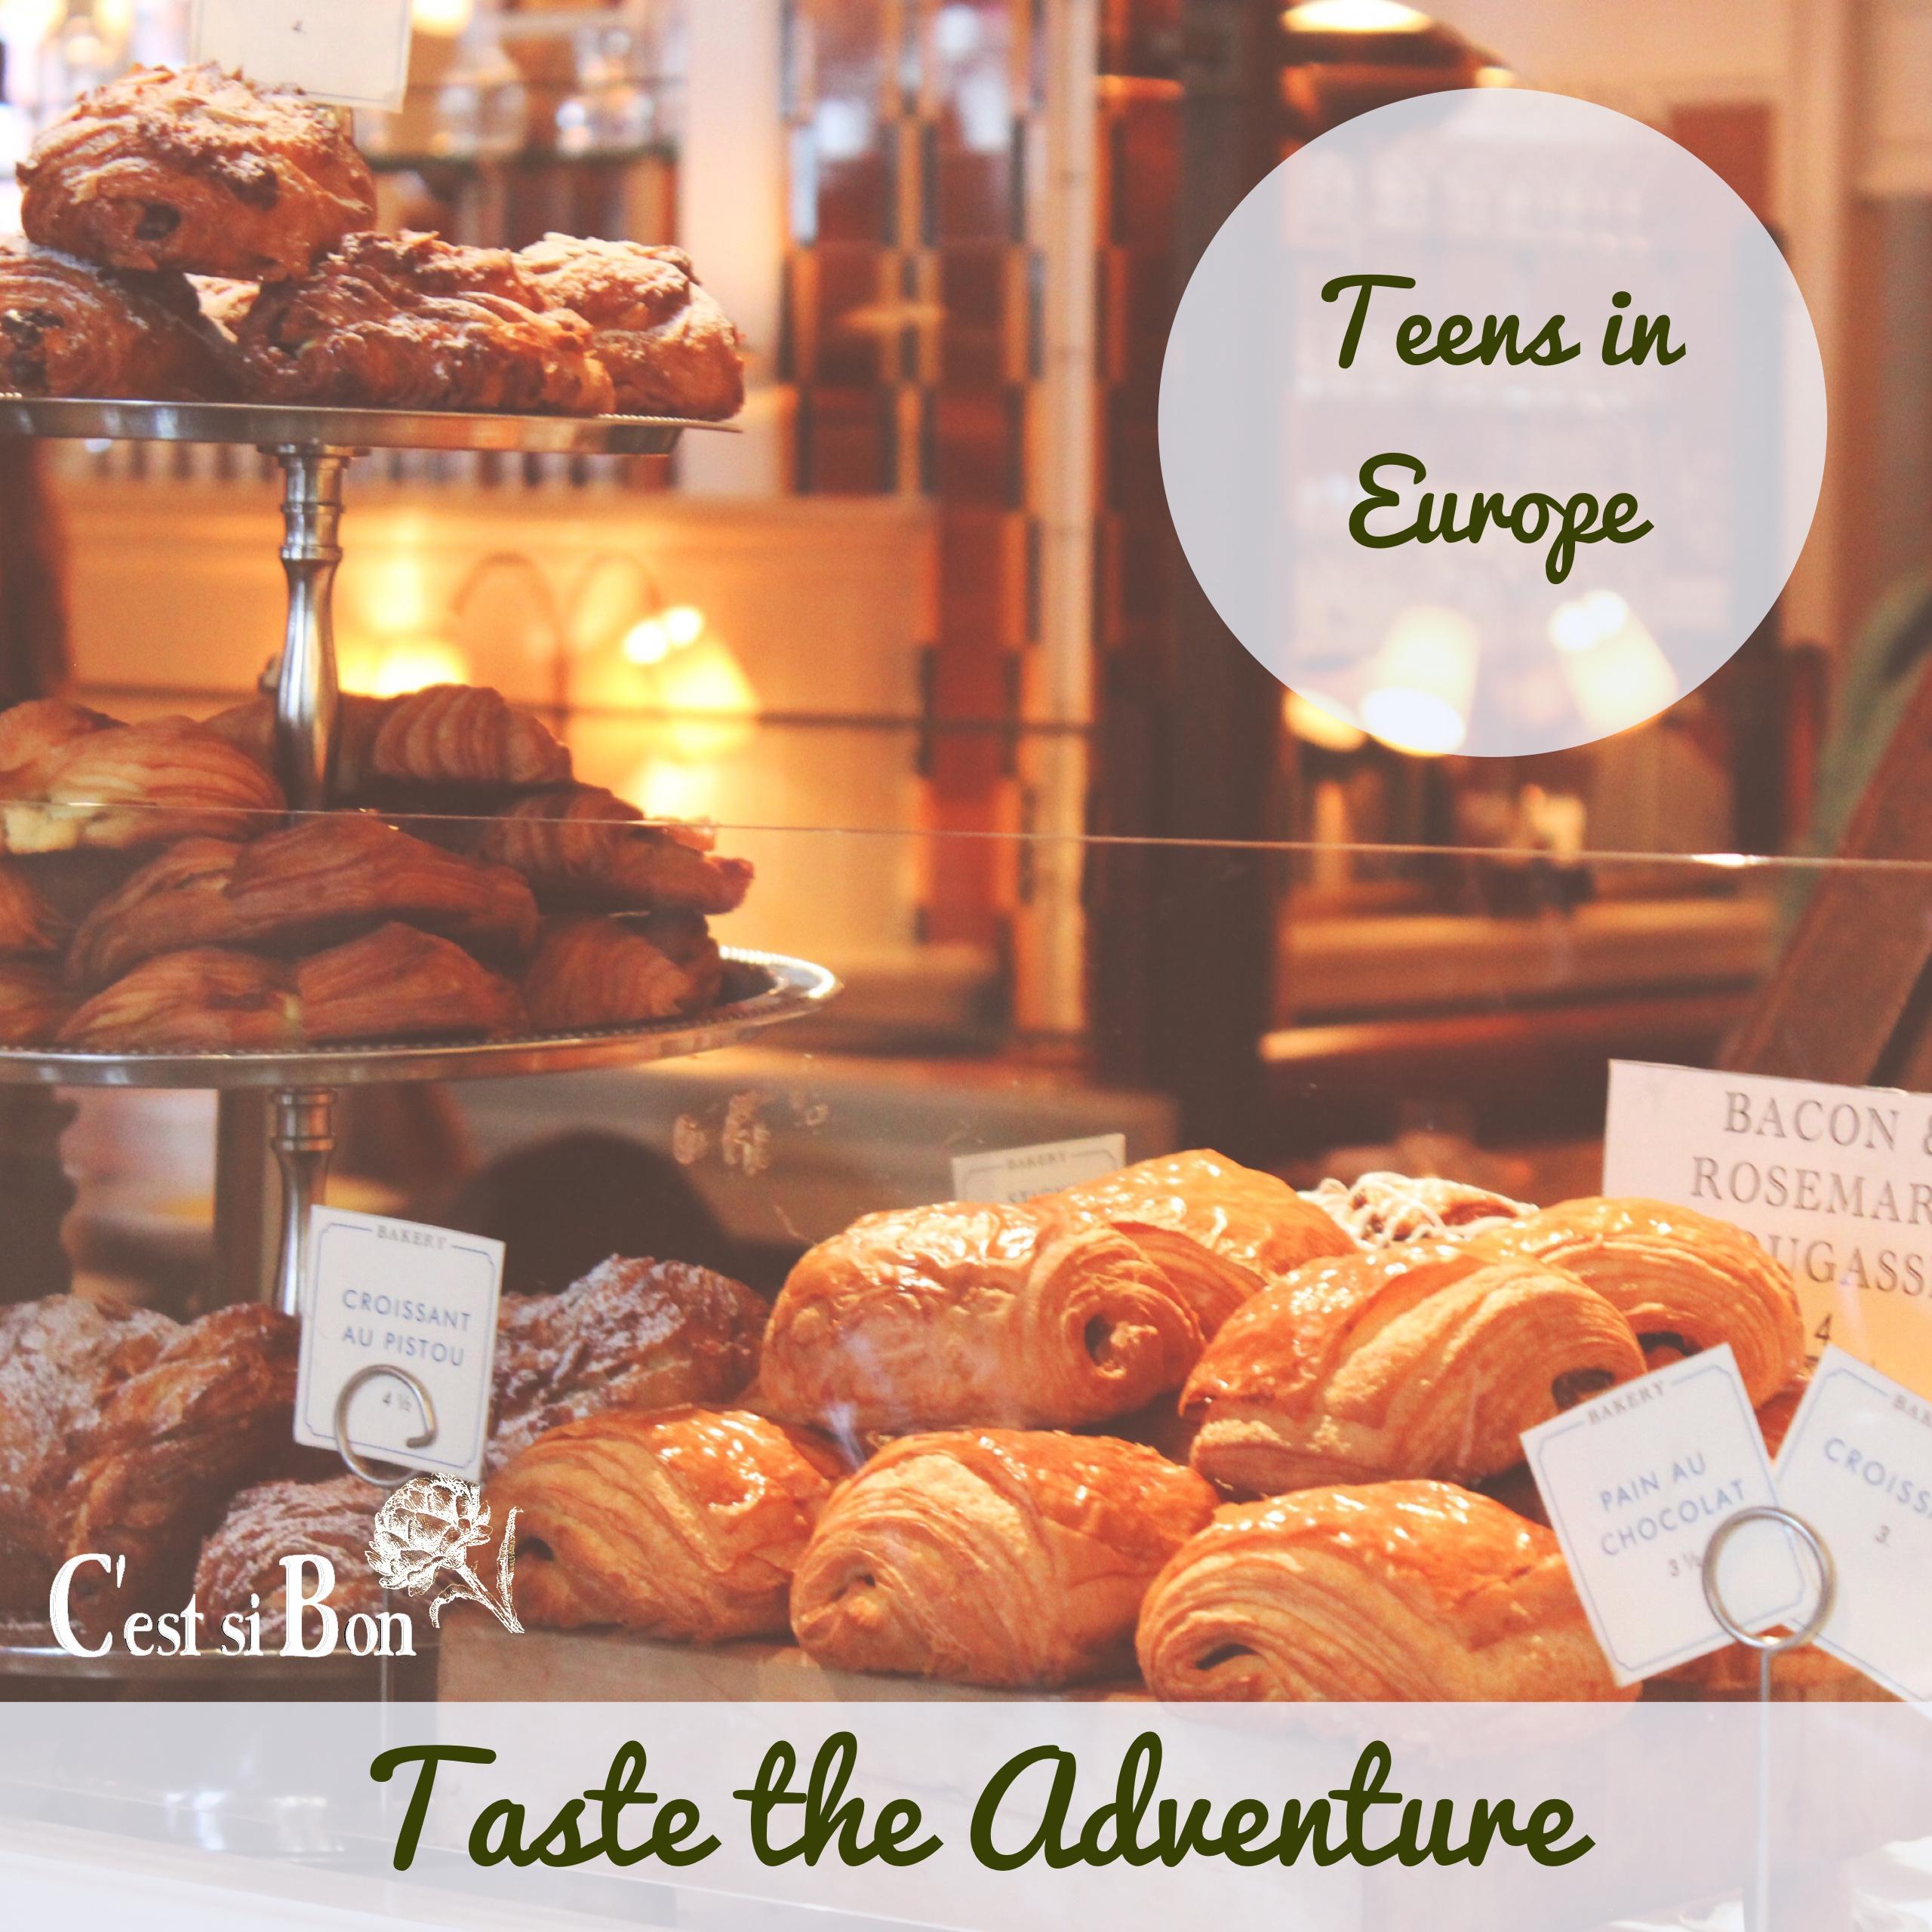 Taste the Adventure Teens in Europe